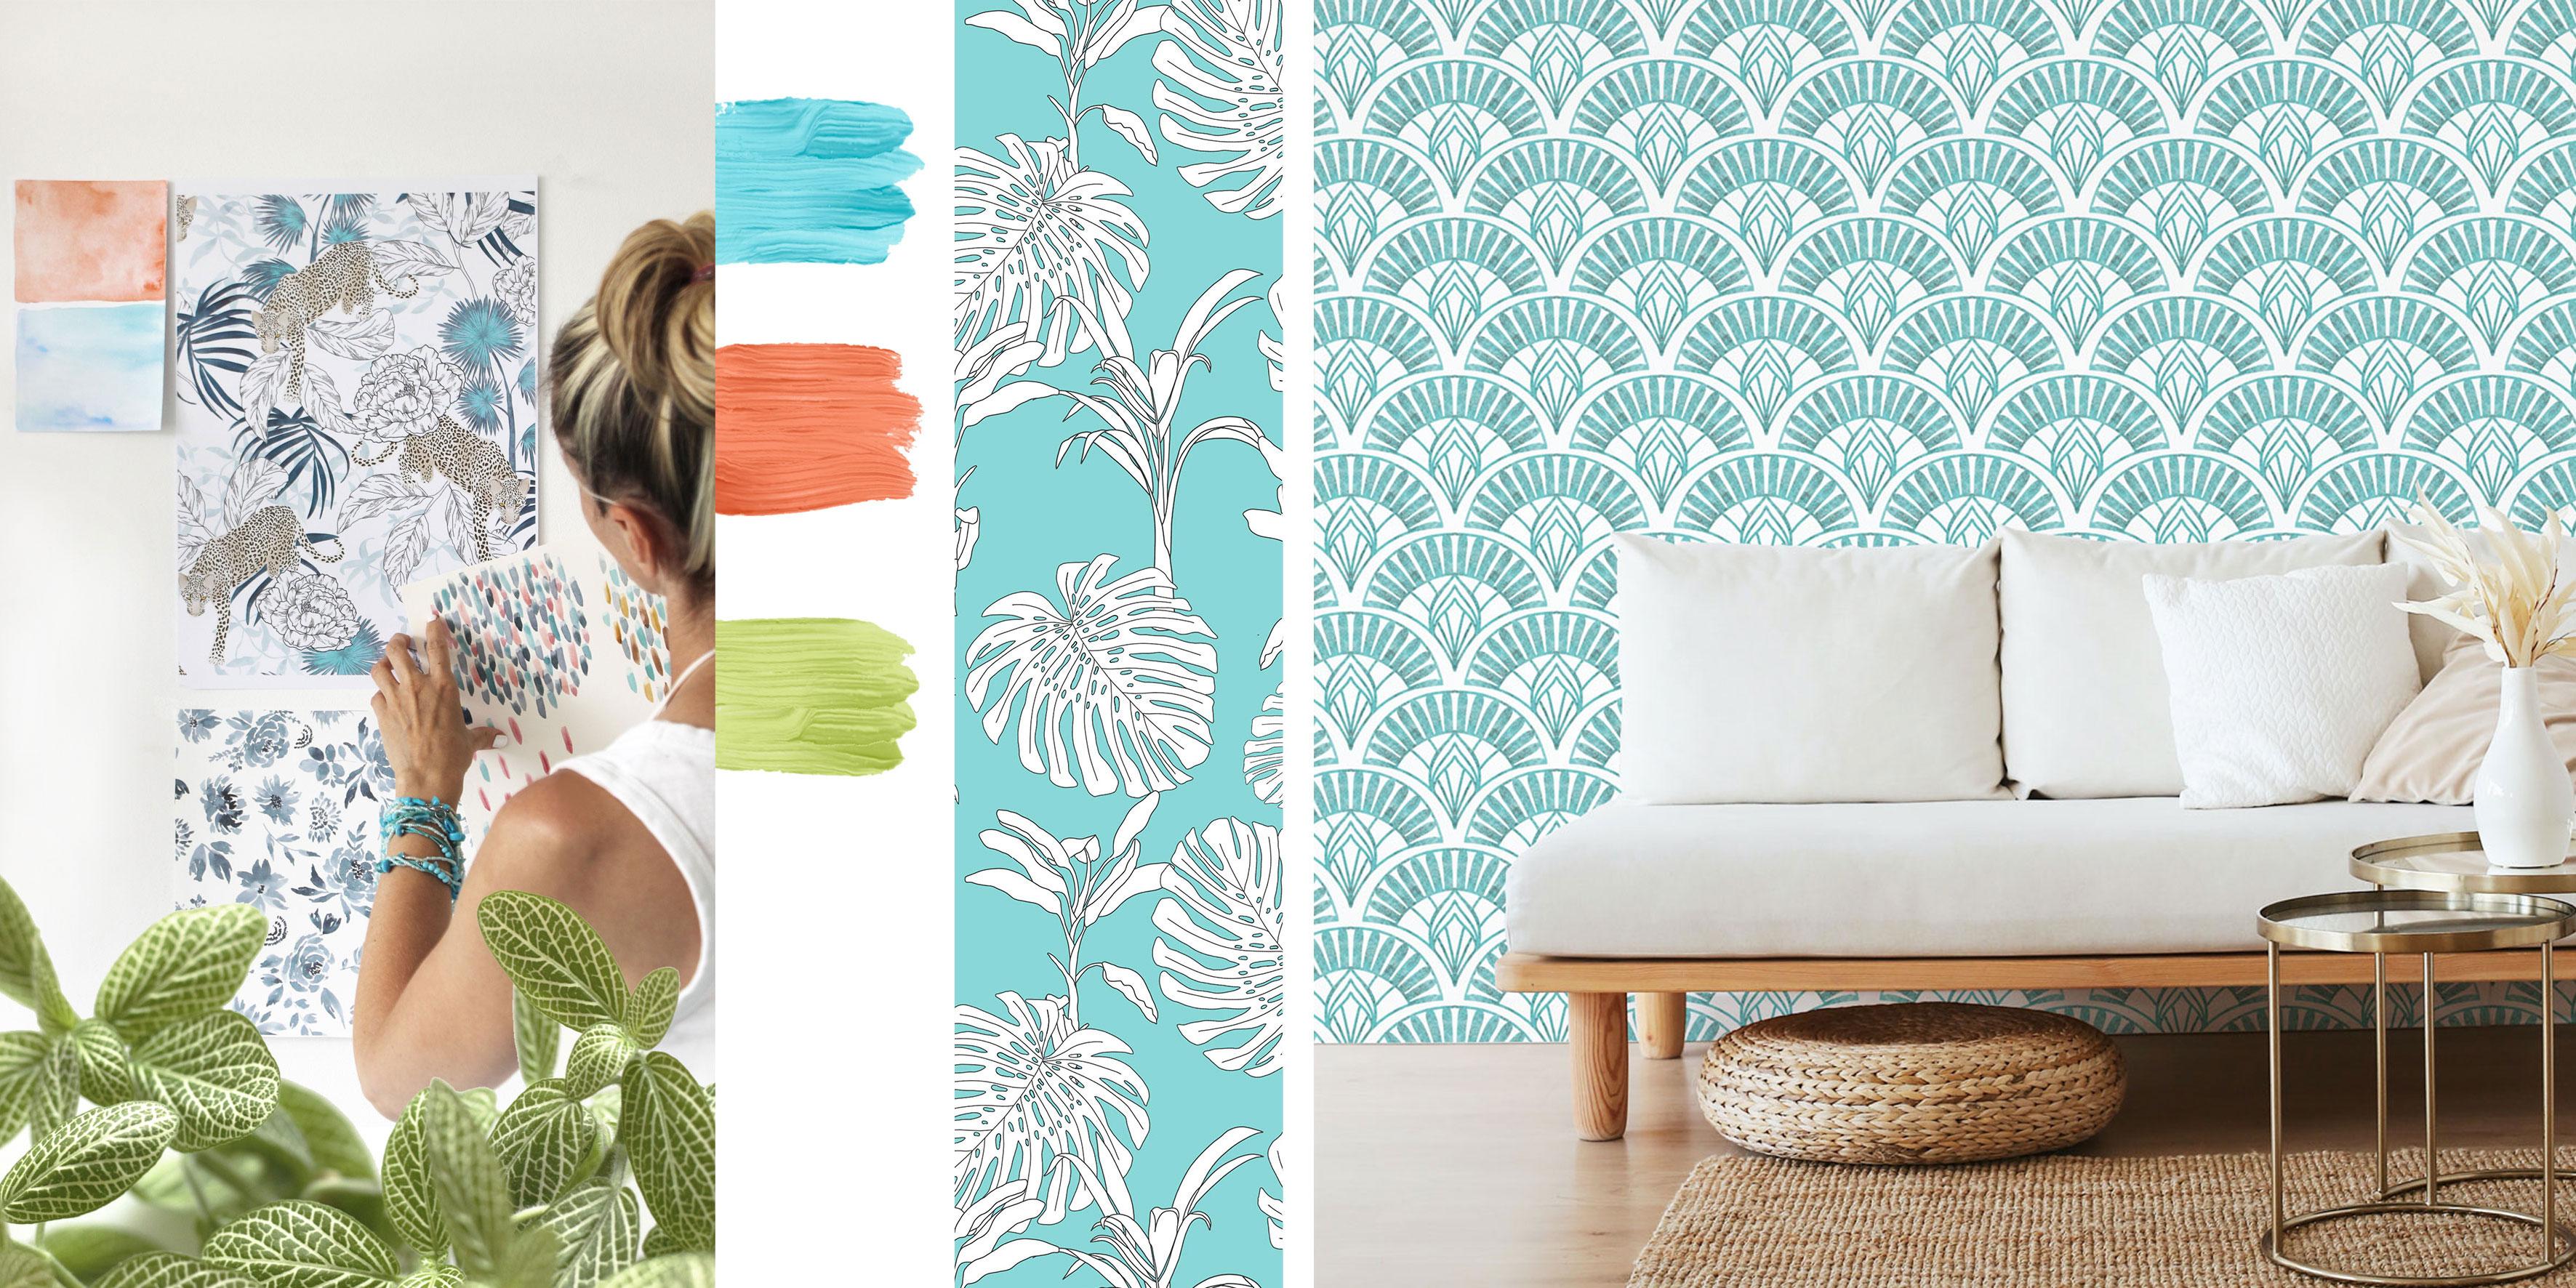 tapety tropikalne, autorskie wzory tapet,patternosophy